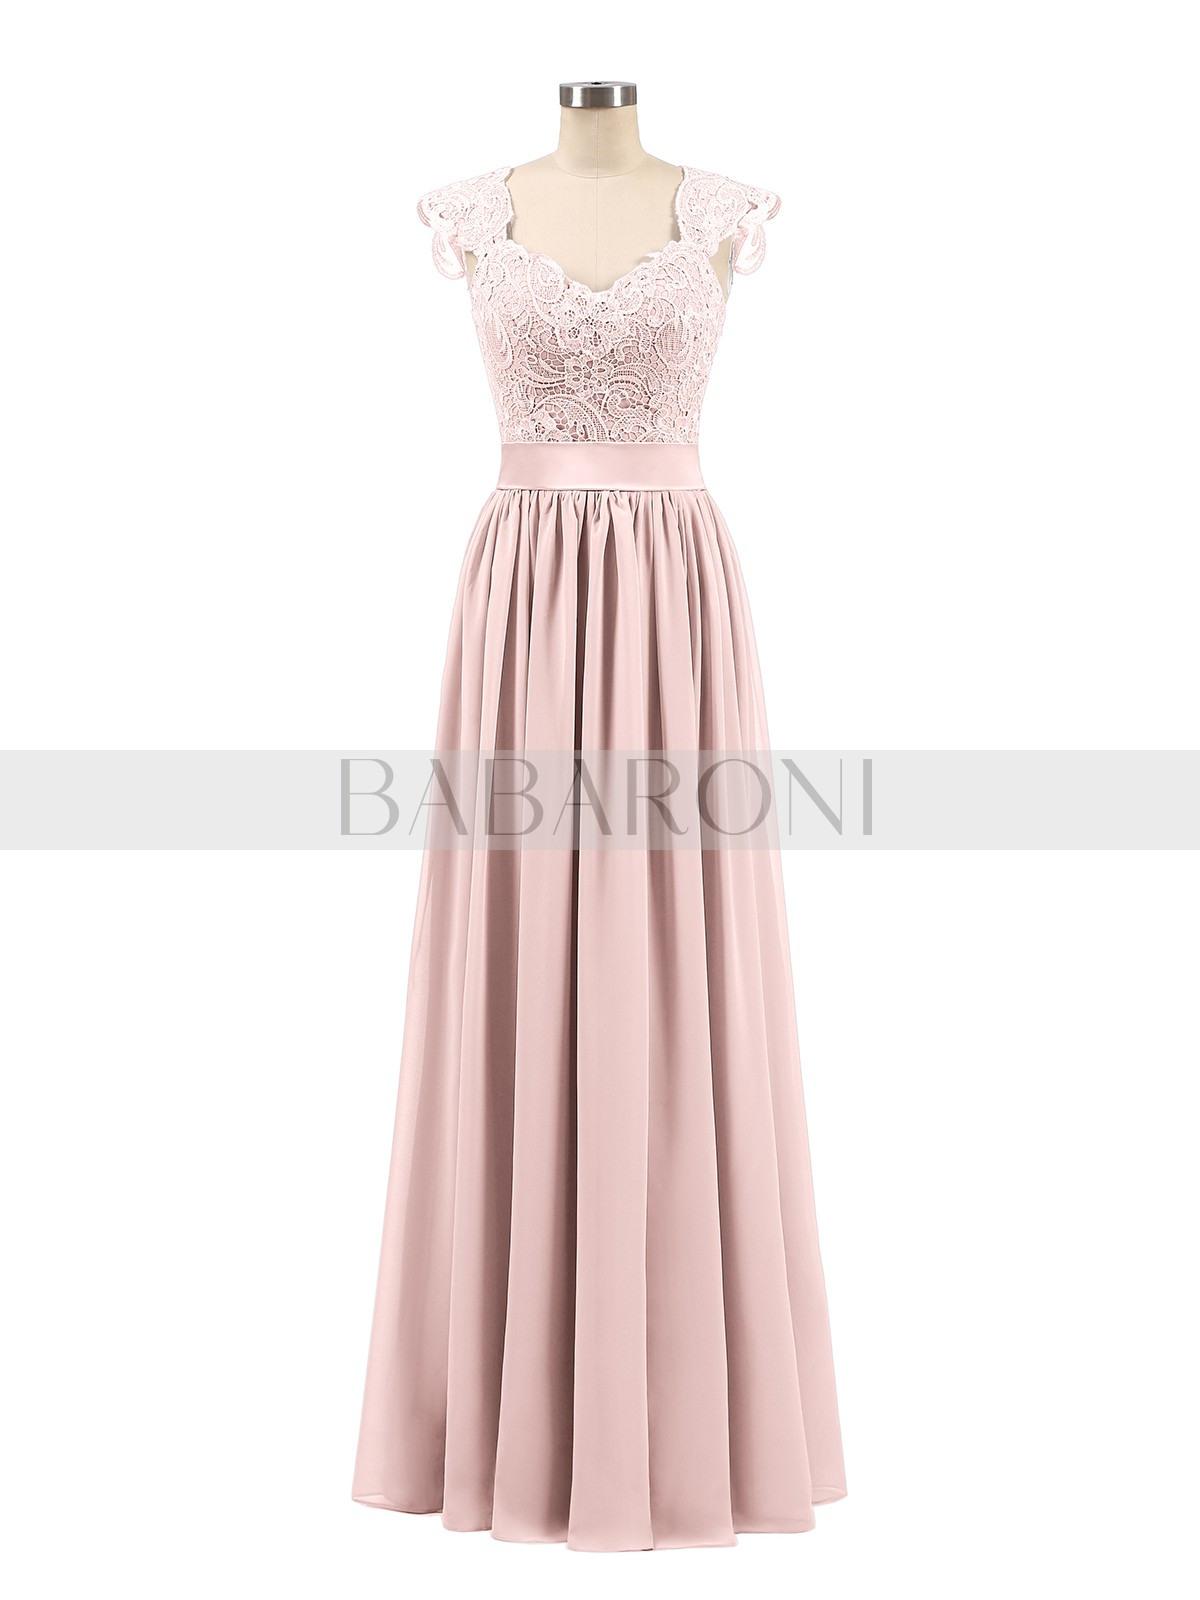 15 Elegant Kleid Mit Spitze für 201920 Elegant Kleid Mit Spitze Vertrieb